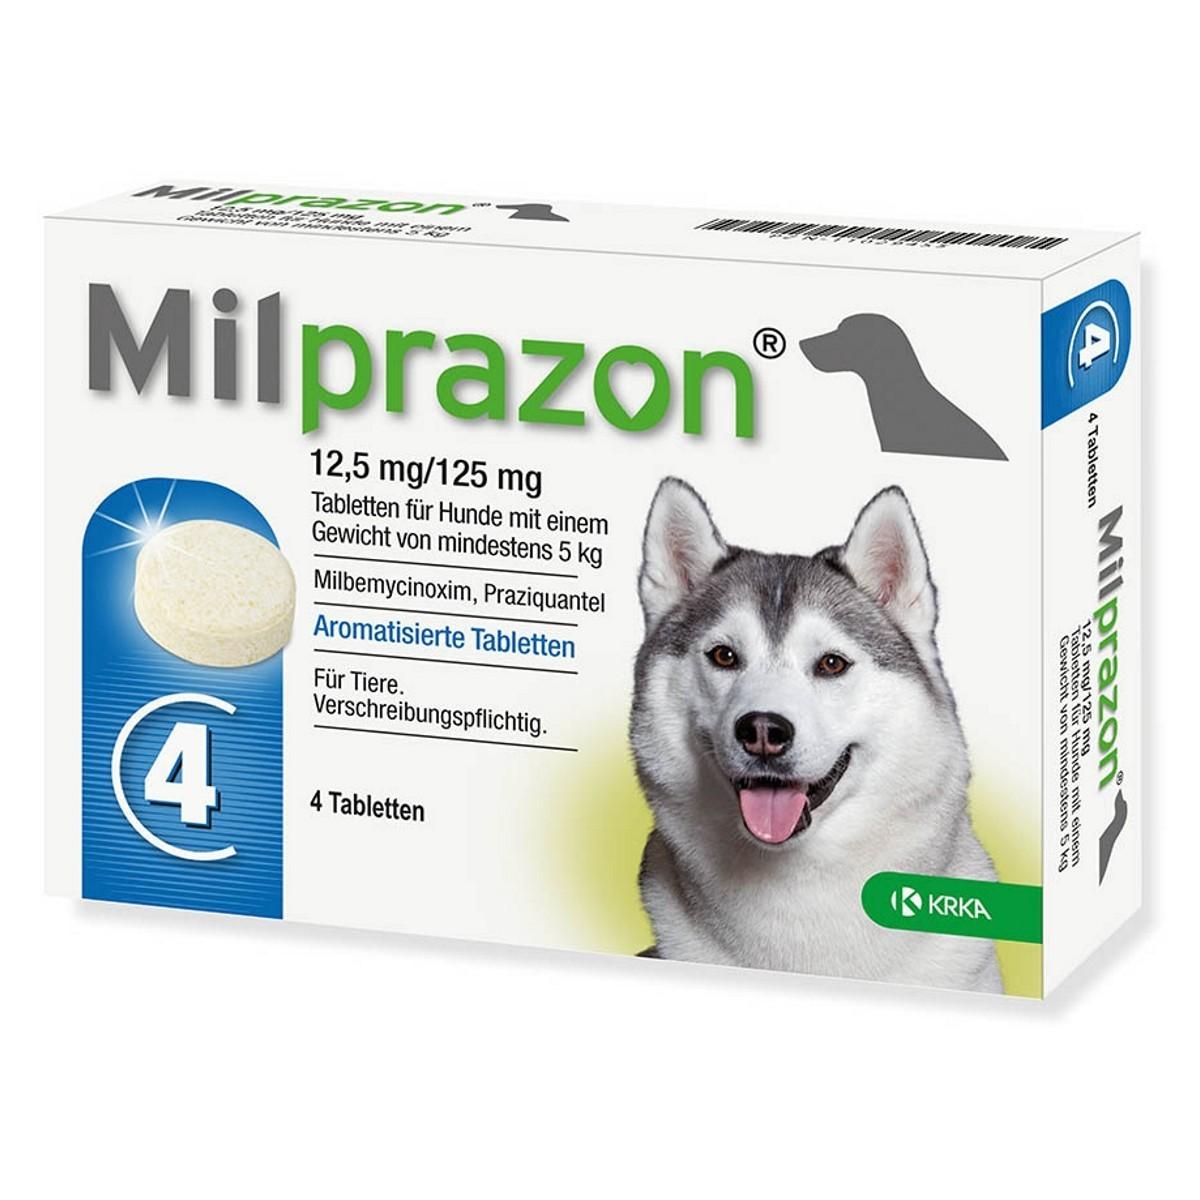 Milprazon 12,5 mg/125 mg tabletės 1 tab.